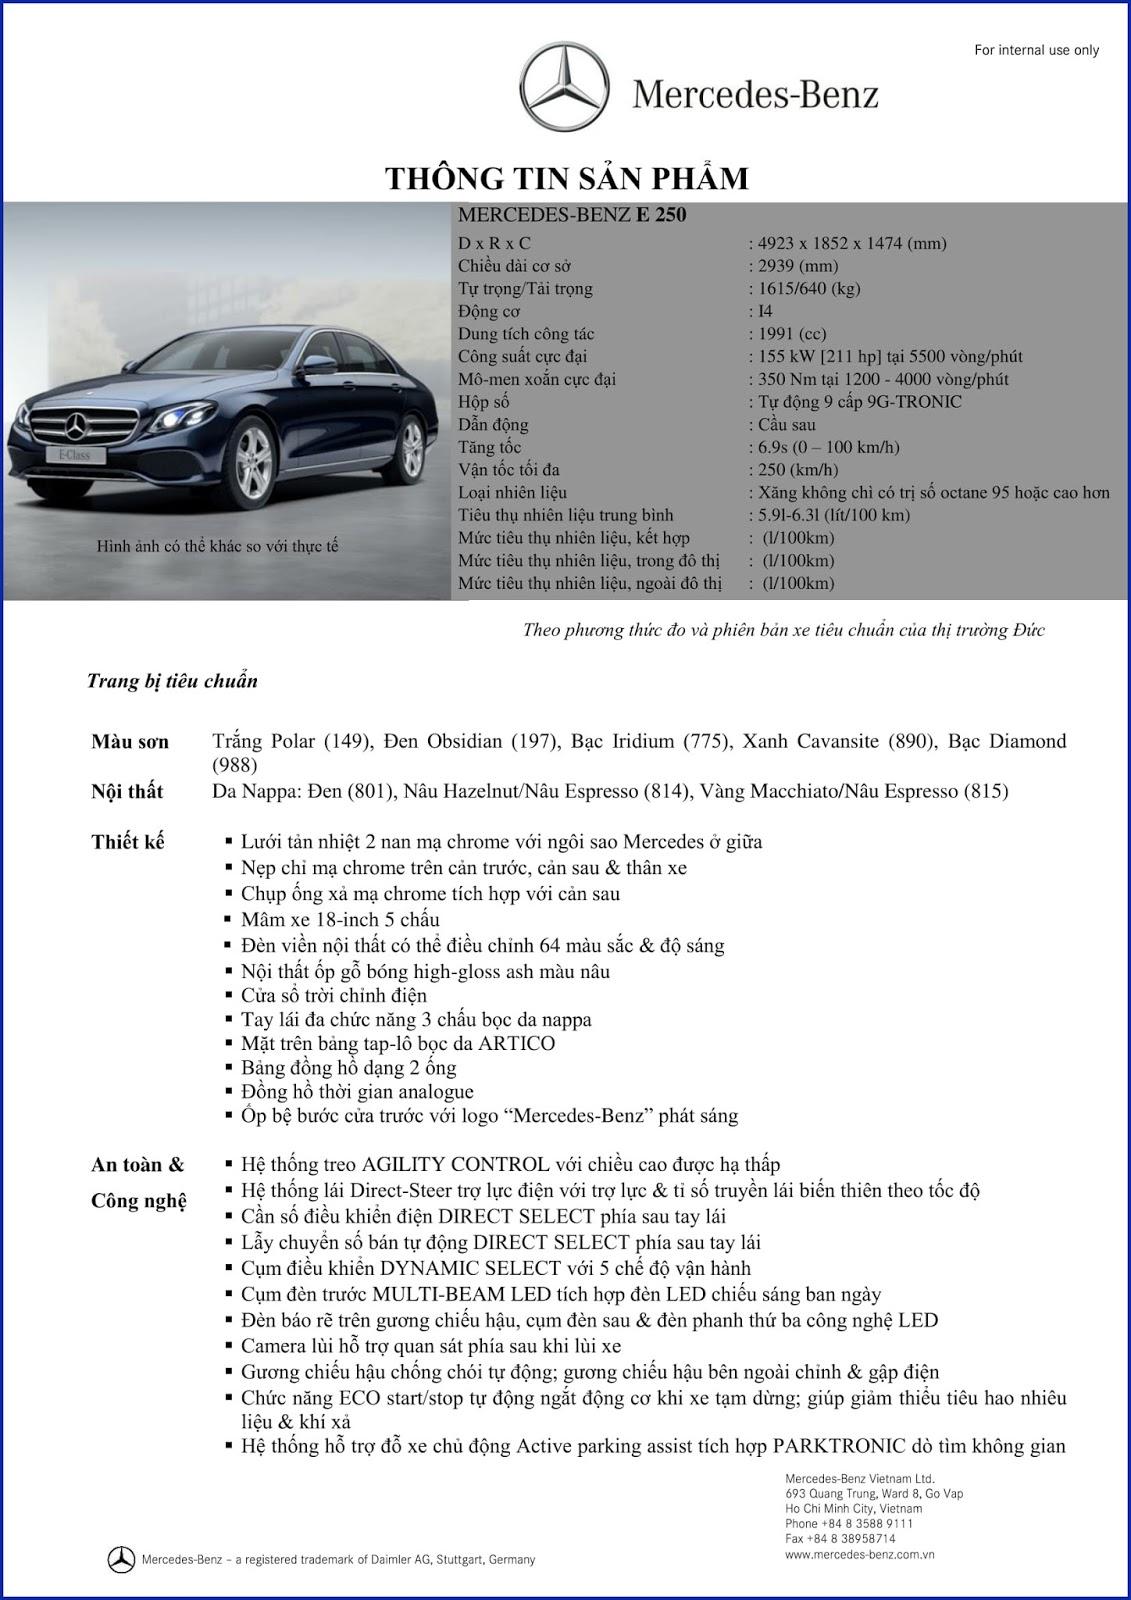 Bảng thông số kỹ thuật Mercedes E250 2019 tại Mercedes Trường Chinh